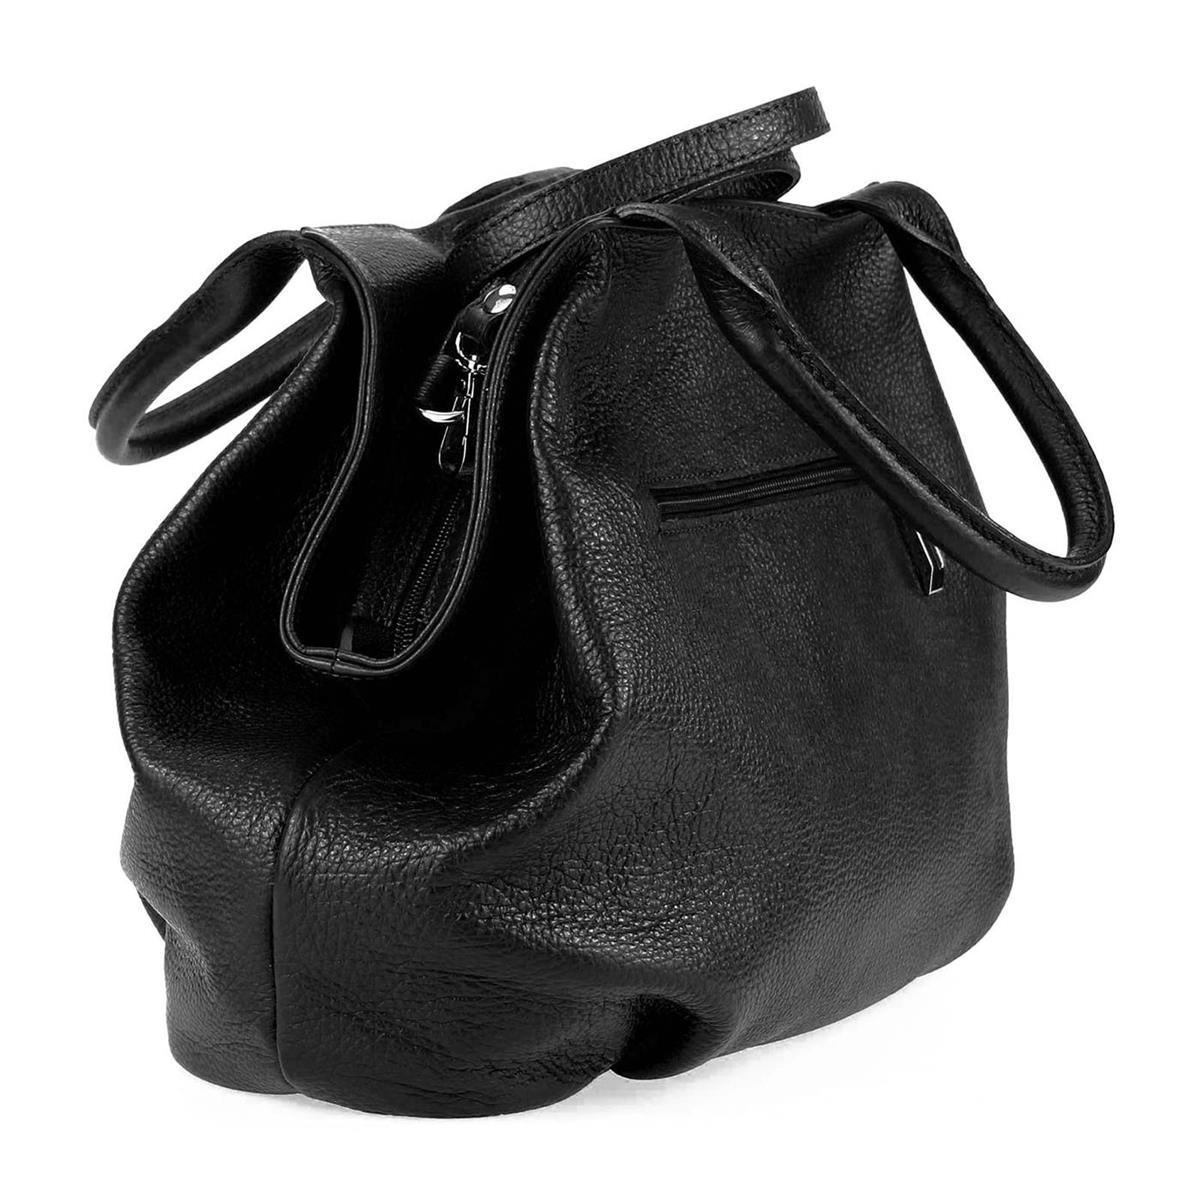 ITALY-LEDER-SHOPPER-Umhaengetasche-Schulter-Hand-Tasche-Damentasche-Ledertasche Indexbild 27